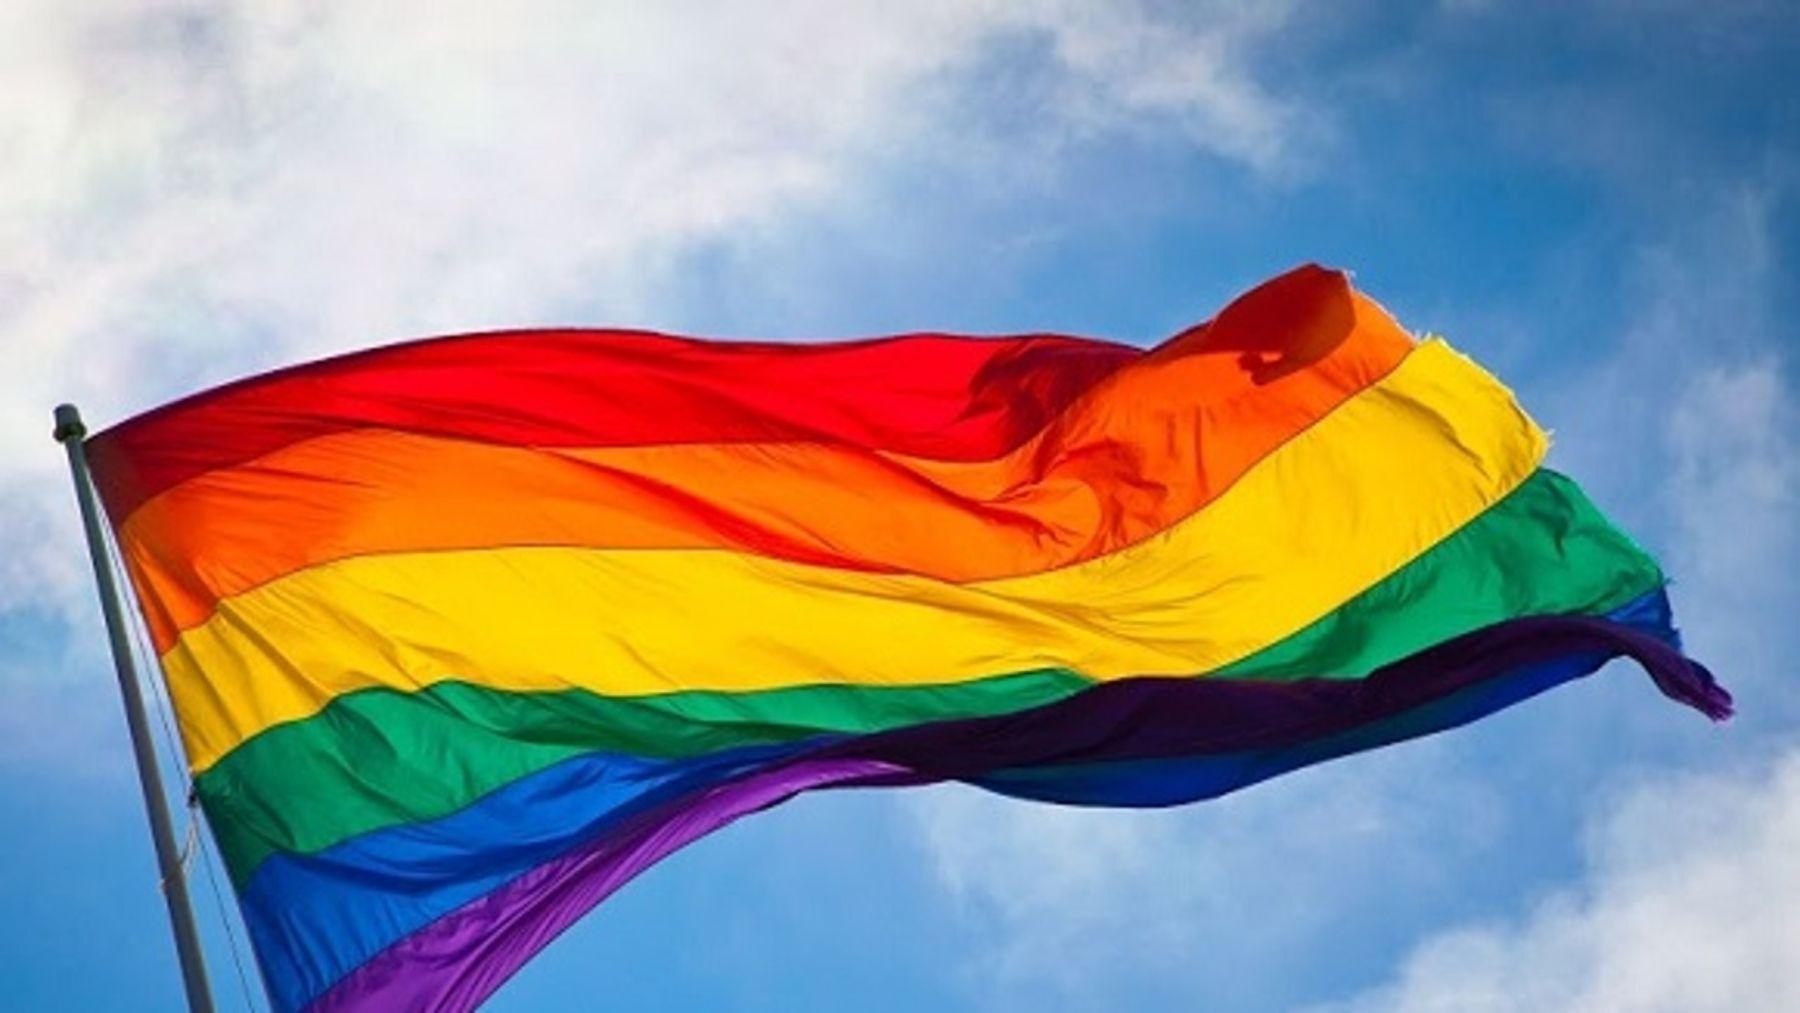 Bandera arcoíris durante un Desfile del Orgullo Gay en Jerusalén.